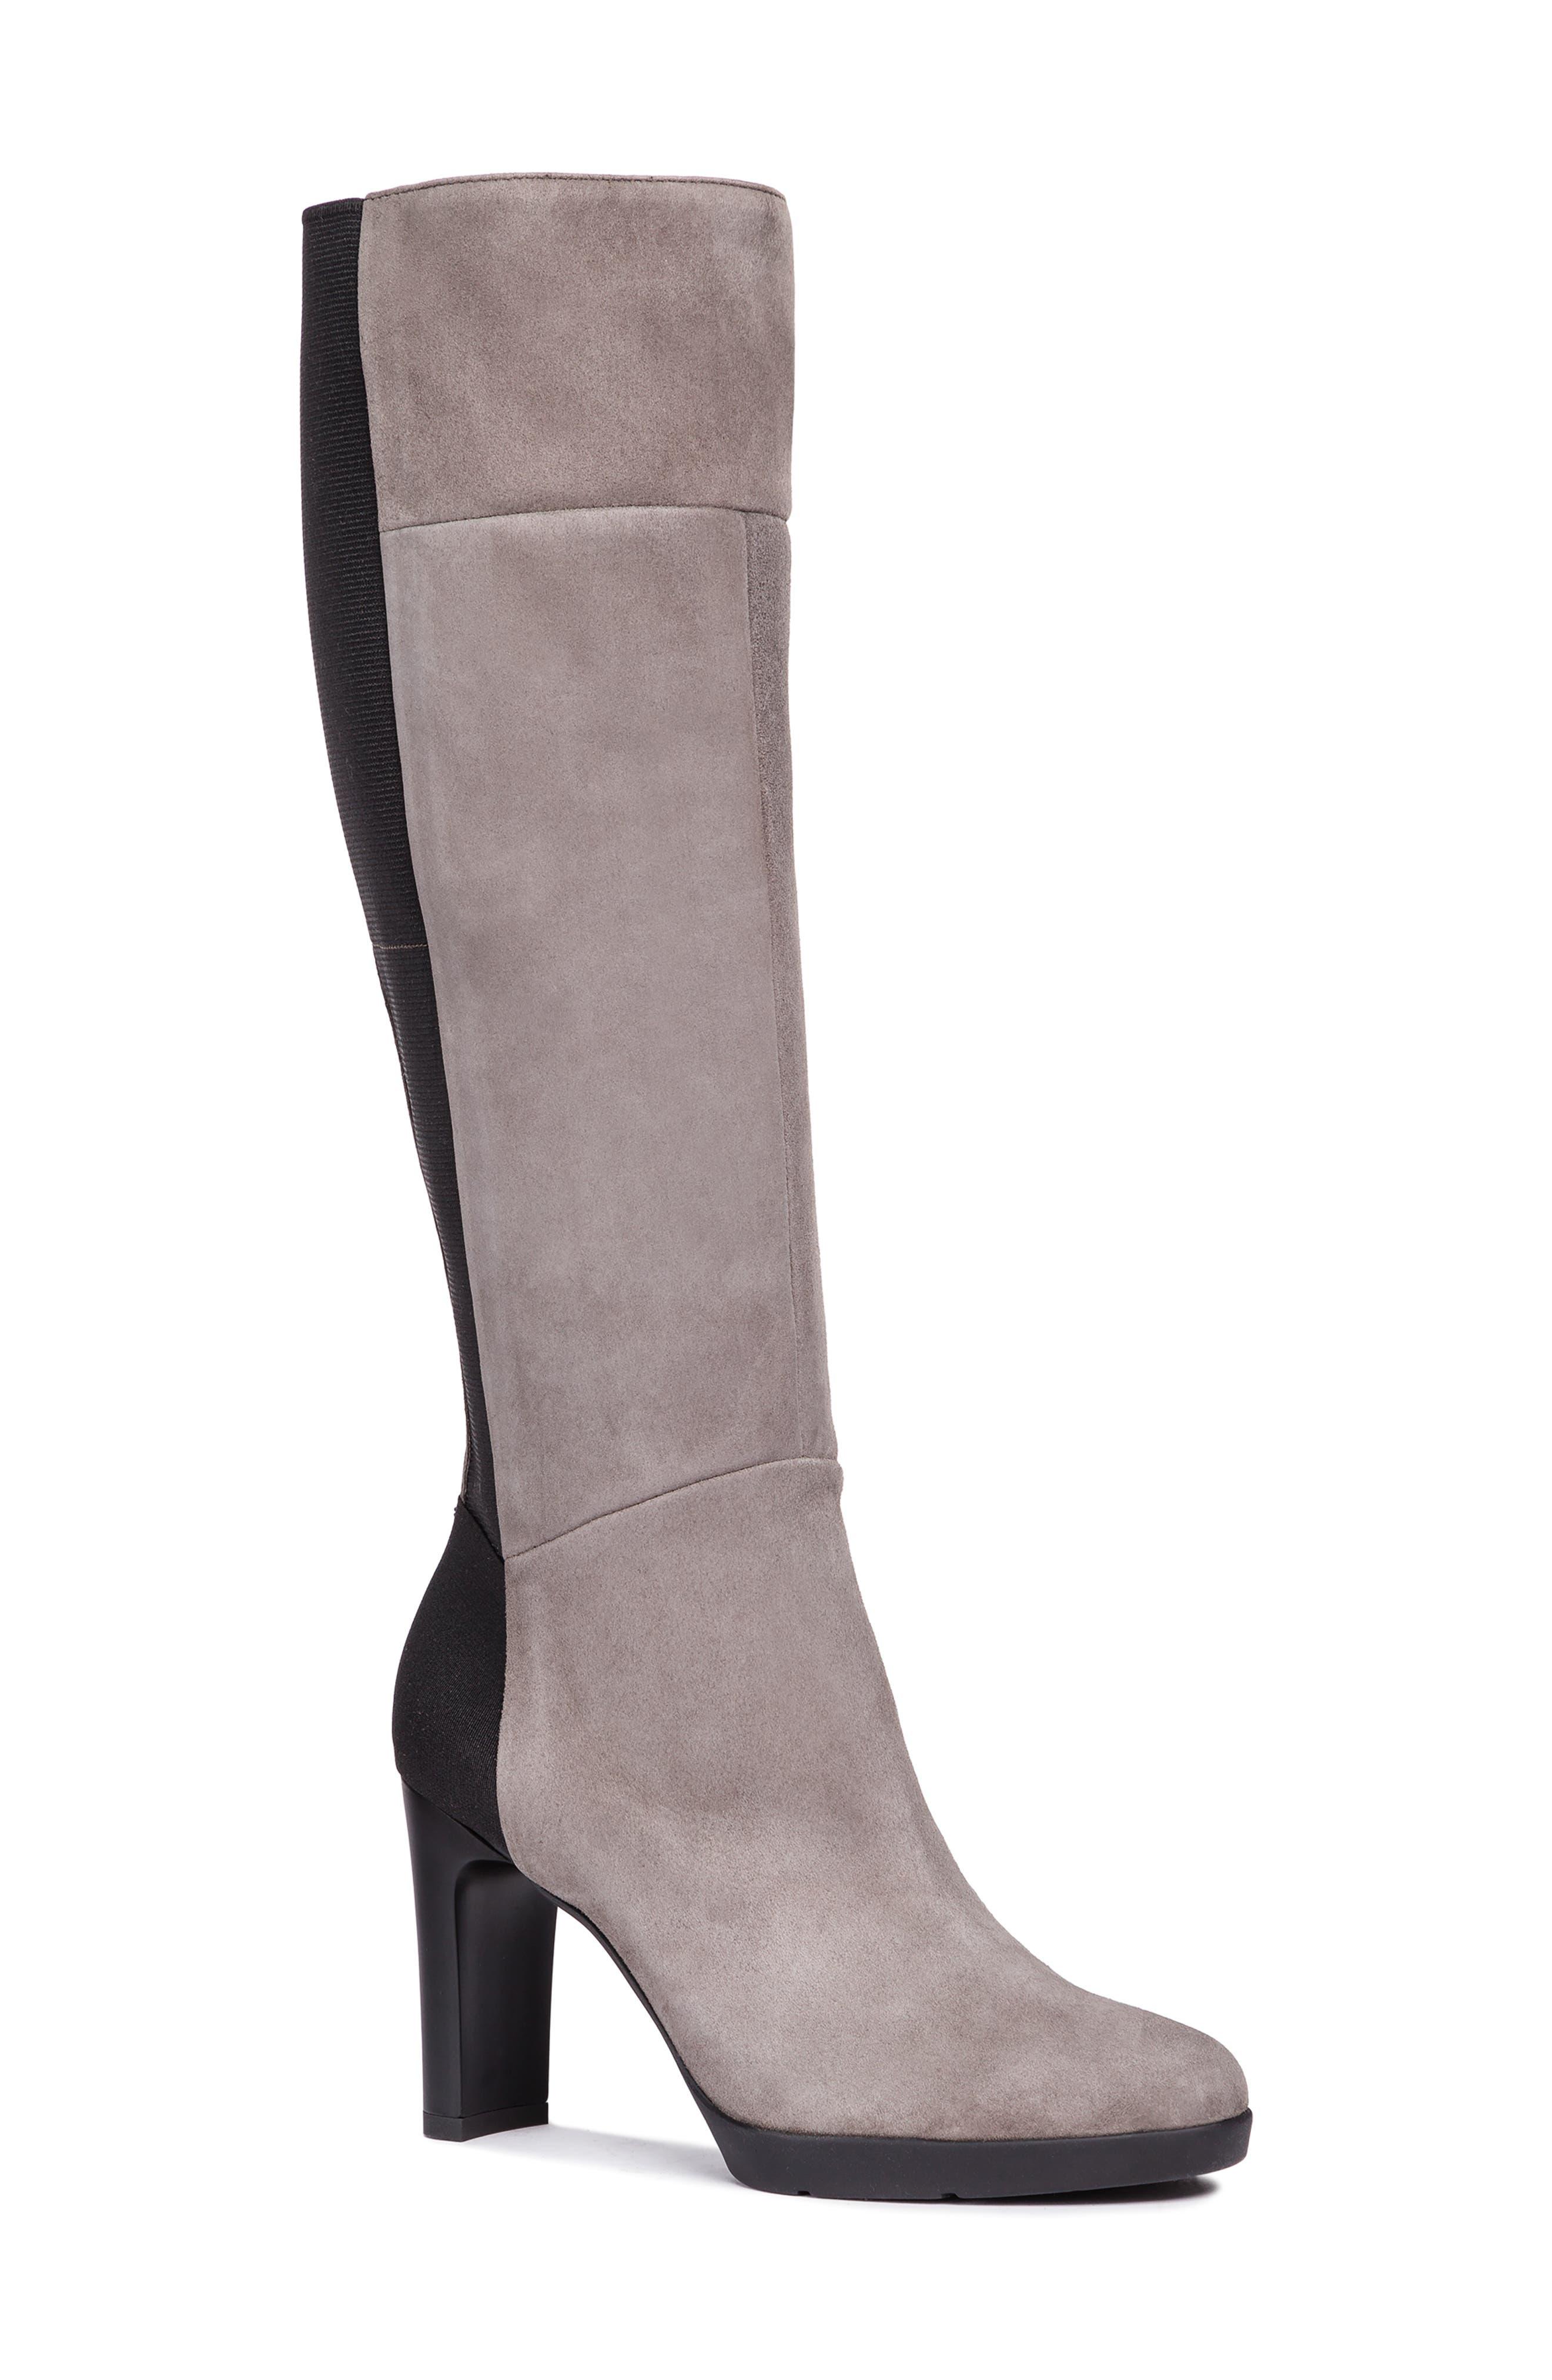 Geox Annya Knee High Boot, Beige